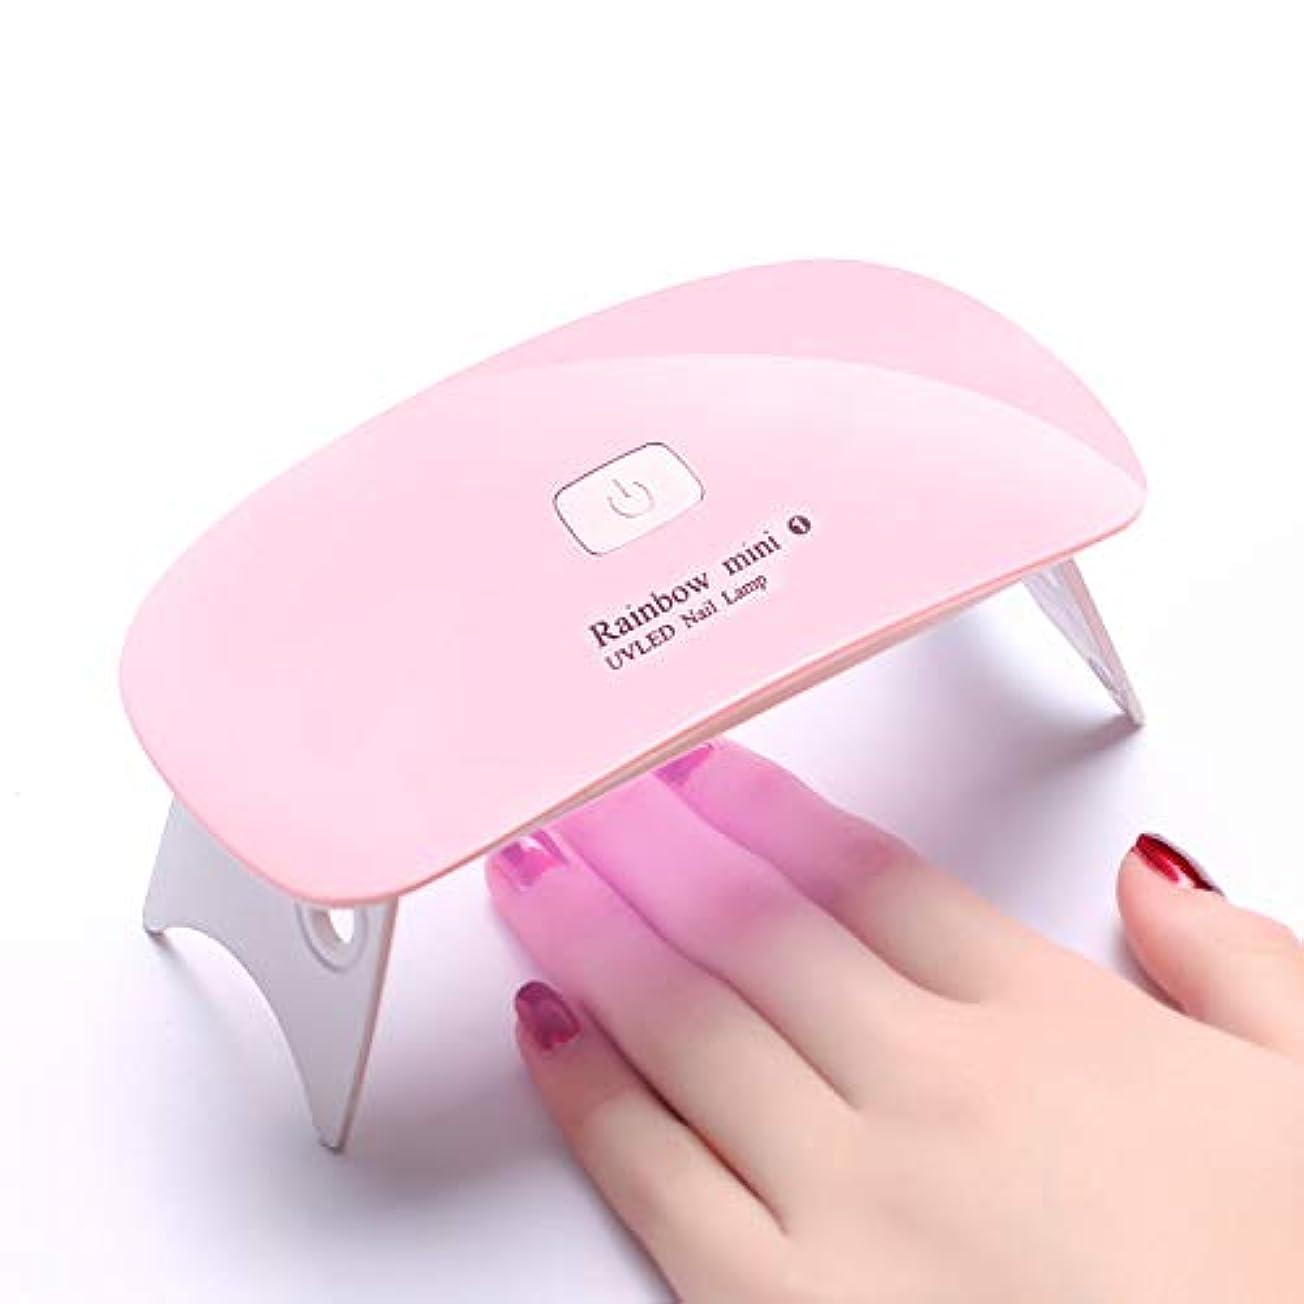 ミニ空の出来事LEDネイルドライヤー UVライトRaintern タイマー設定可能 折りたたみ式手足とも使える 人感センサー式 LED 硬化ライト UV と LEDダブルライト ジェルネイル用 ピンク